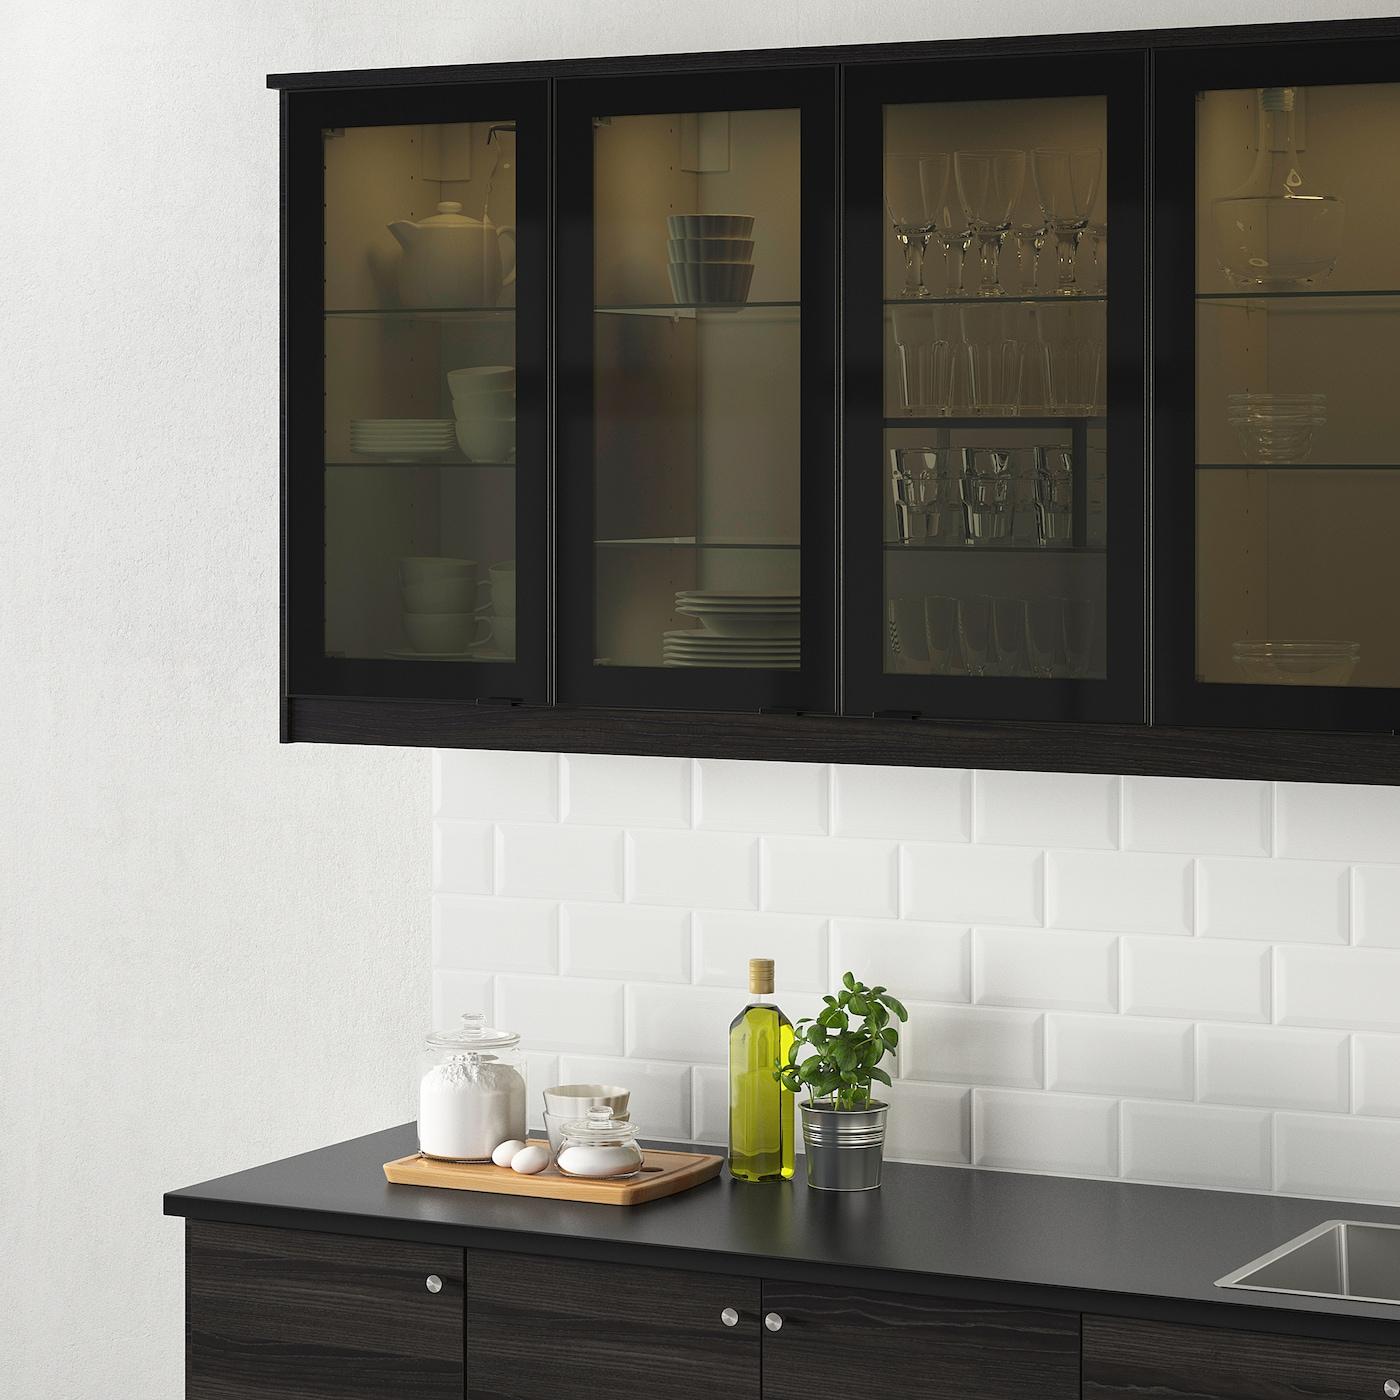 """JUTIS Porte vitrée - verre fumé, noir 14x14 """" (14x14 cm)"""